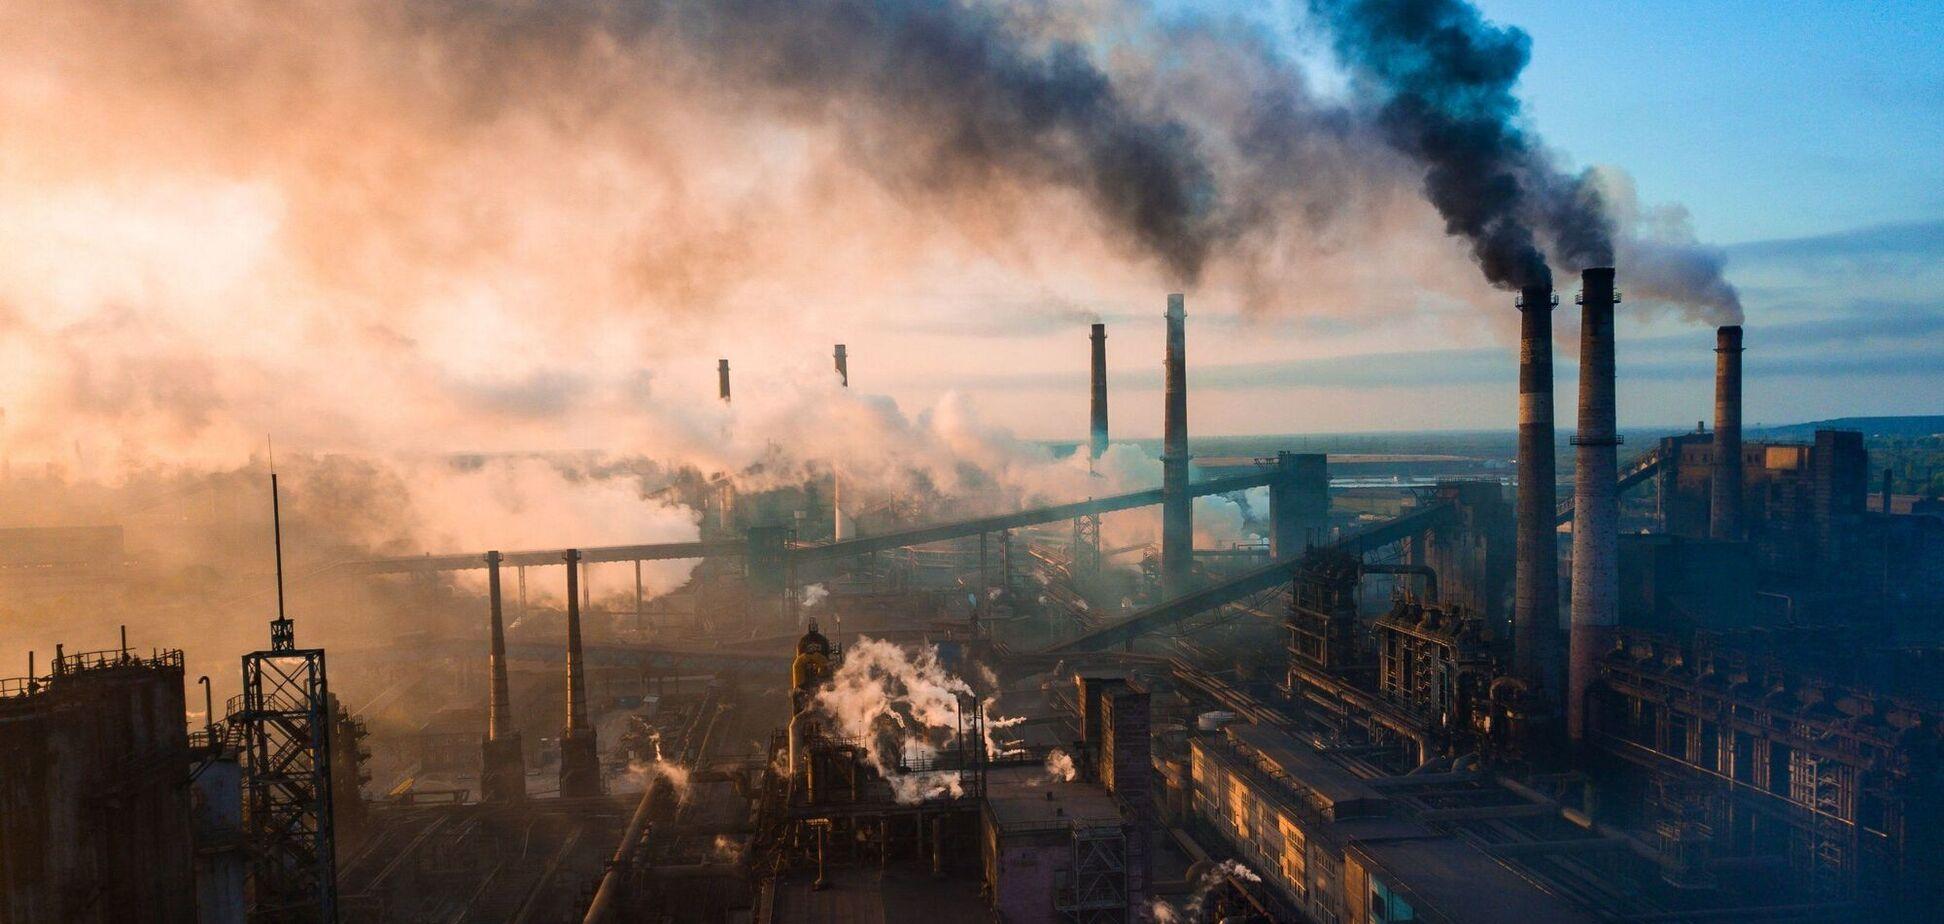 Експерти розкритикували методологію рейтингу забруднювачів від Мінприроди